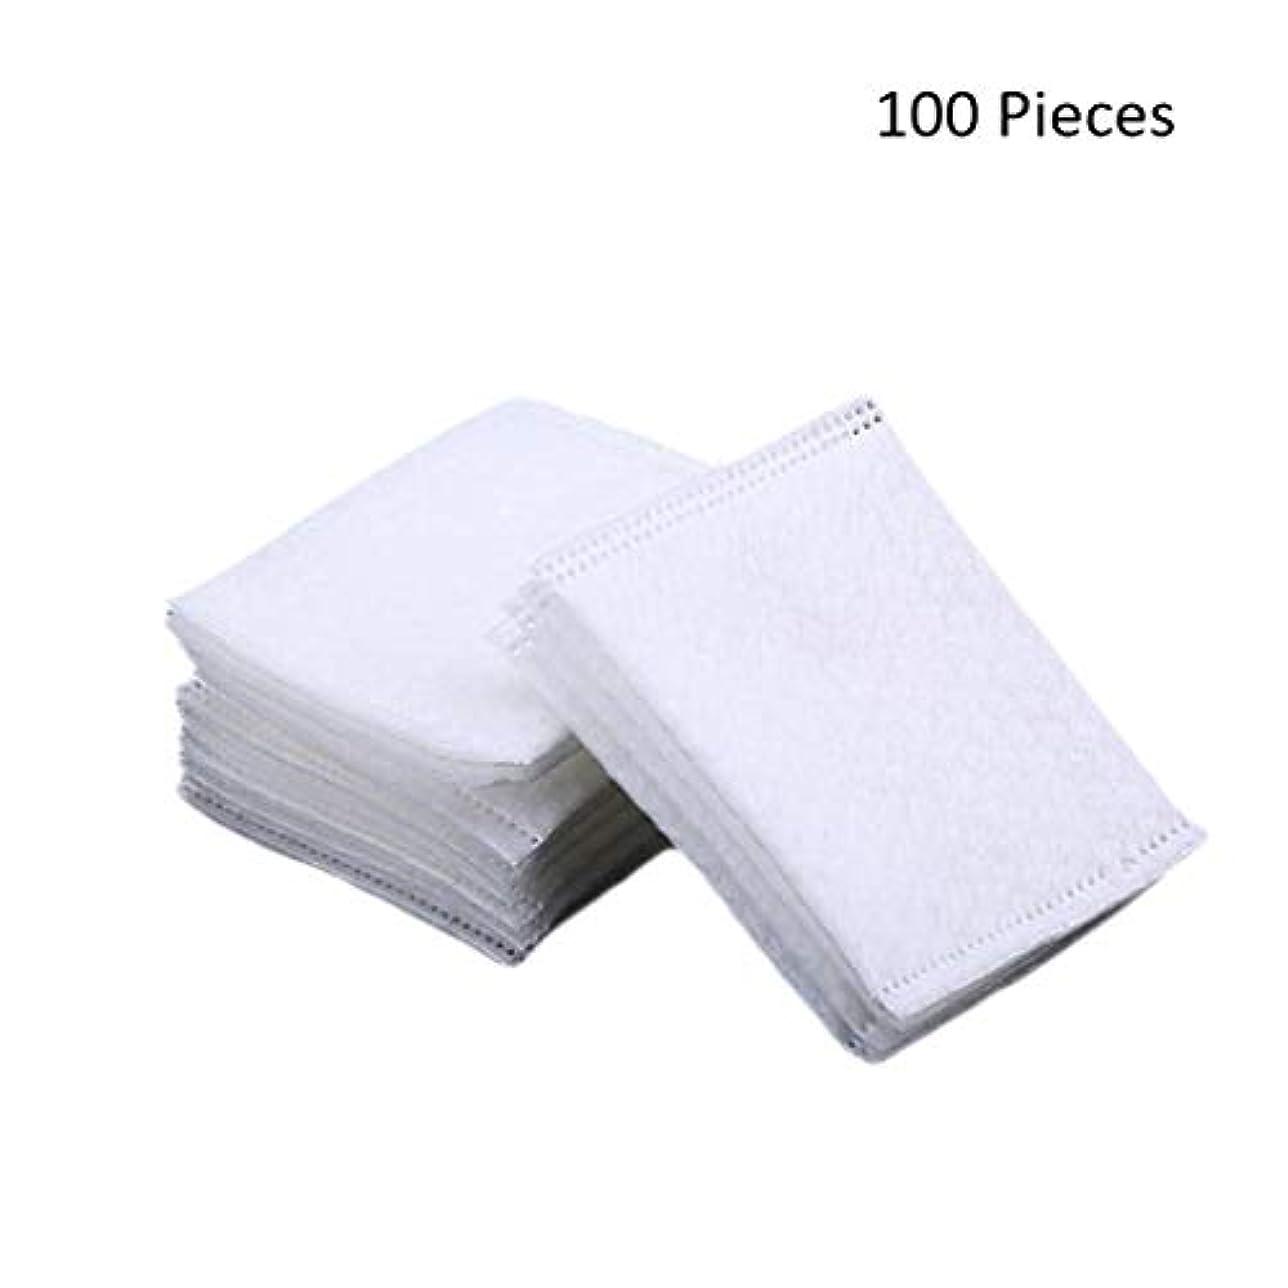 50/100/220ピースダブルサイドフェイスメイクアップリムーバーコットンパッド密封旅行削除コットンパッドスキン化粧品メイクアップツール (Color : White, サイズ : 100 Pieces)